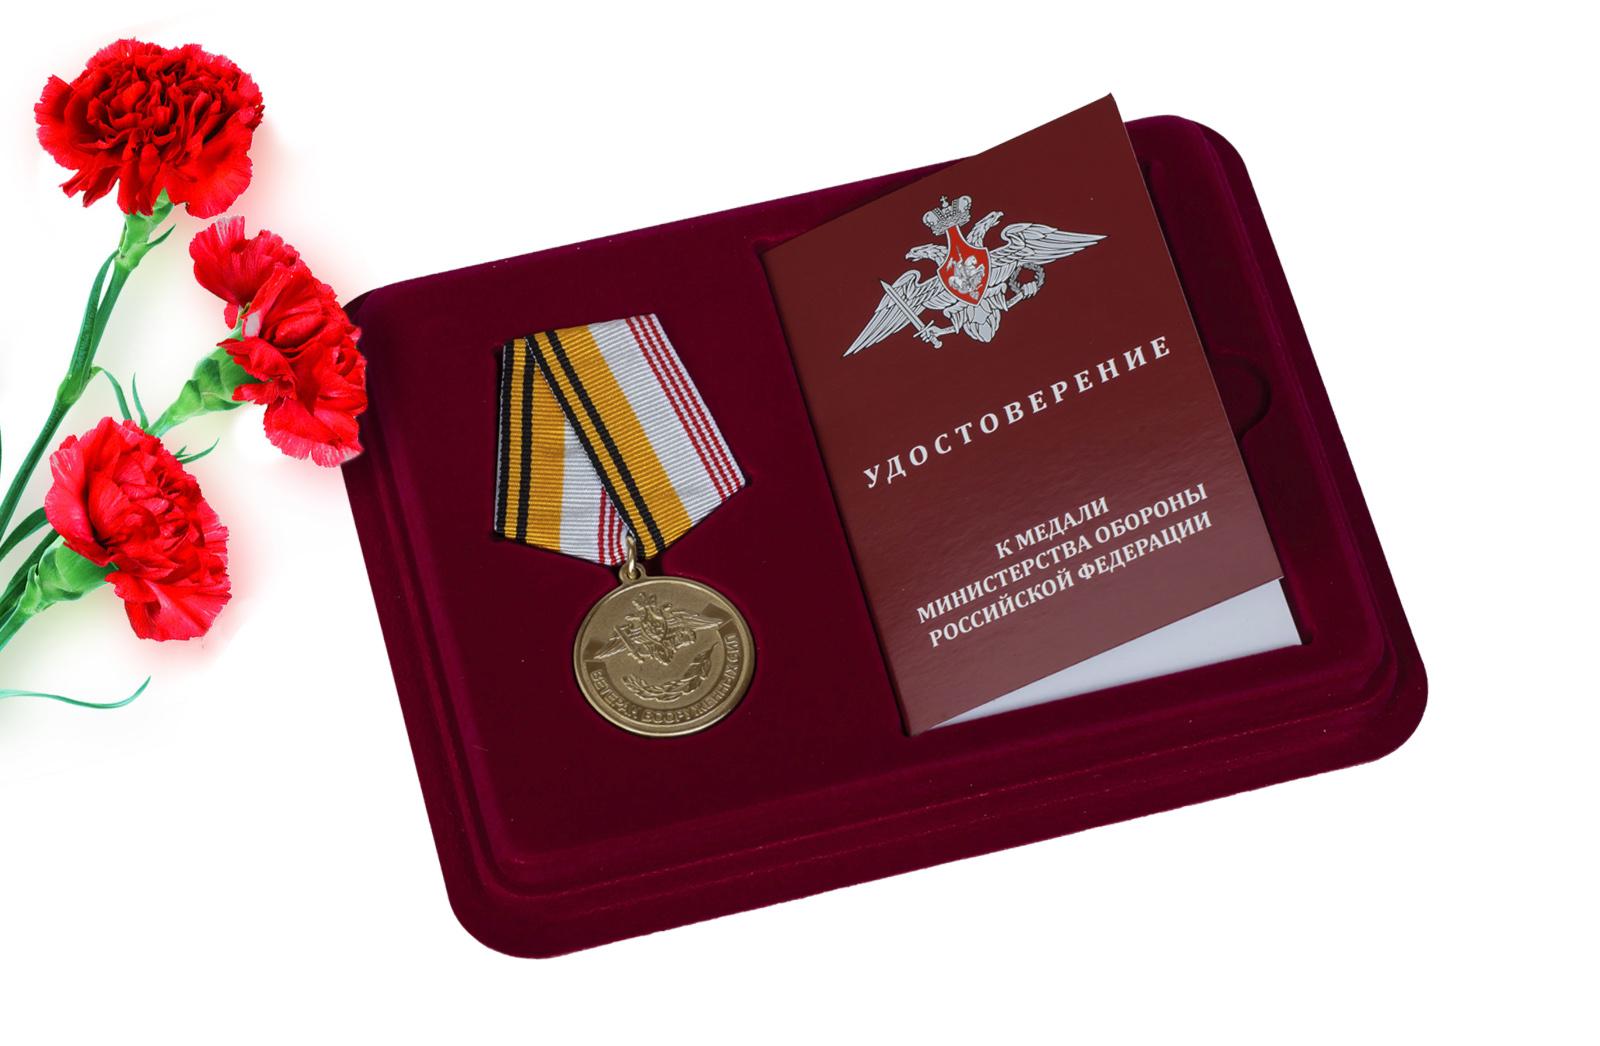 Купить медаль МО РФ Ветеран ВС с доставкой выгодно